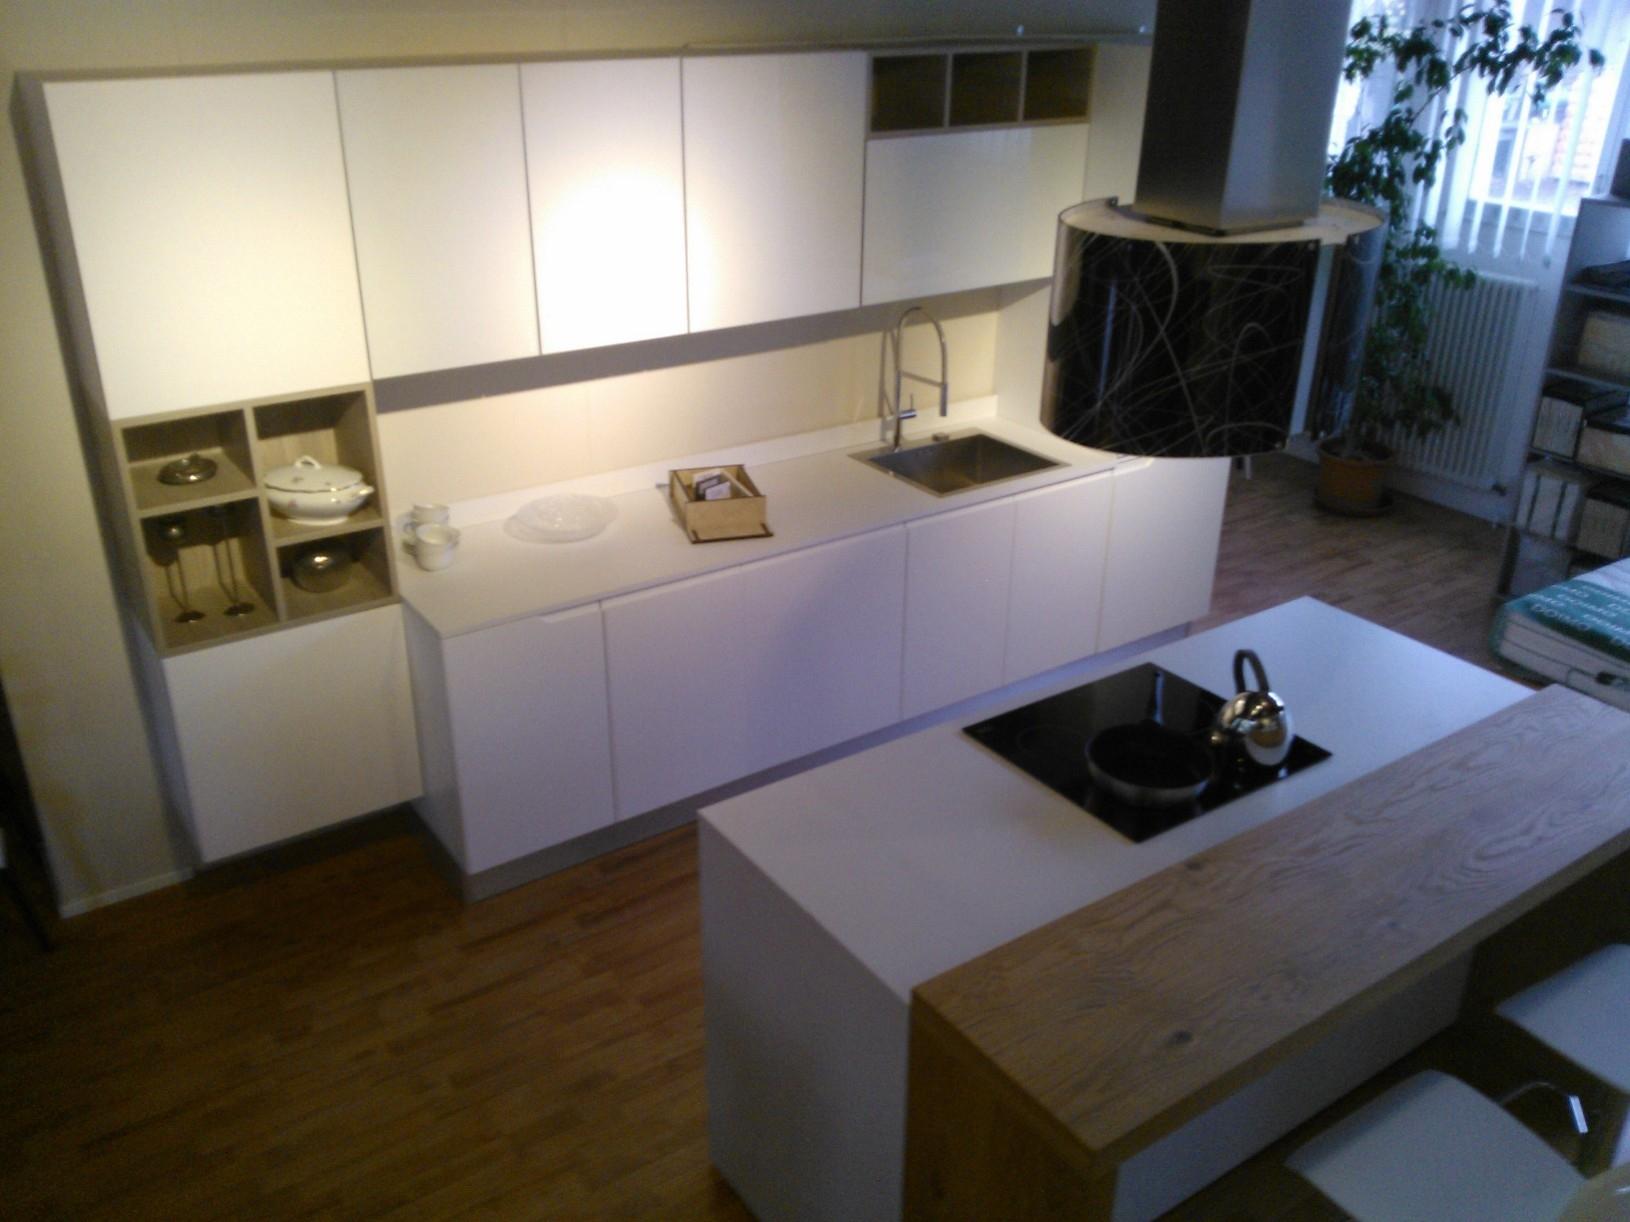 Gatto Cucine: Prezzi Outlet, Offerte e Sconti